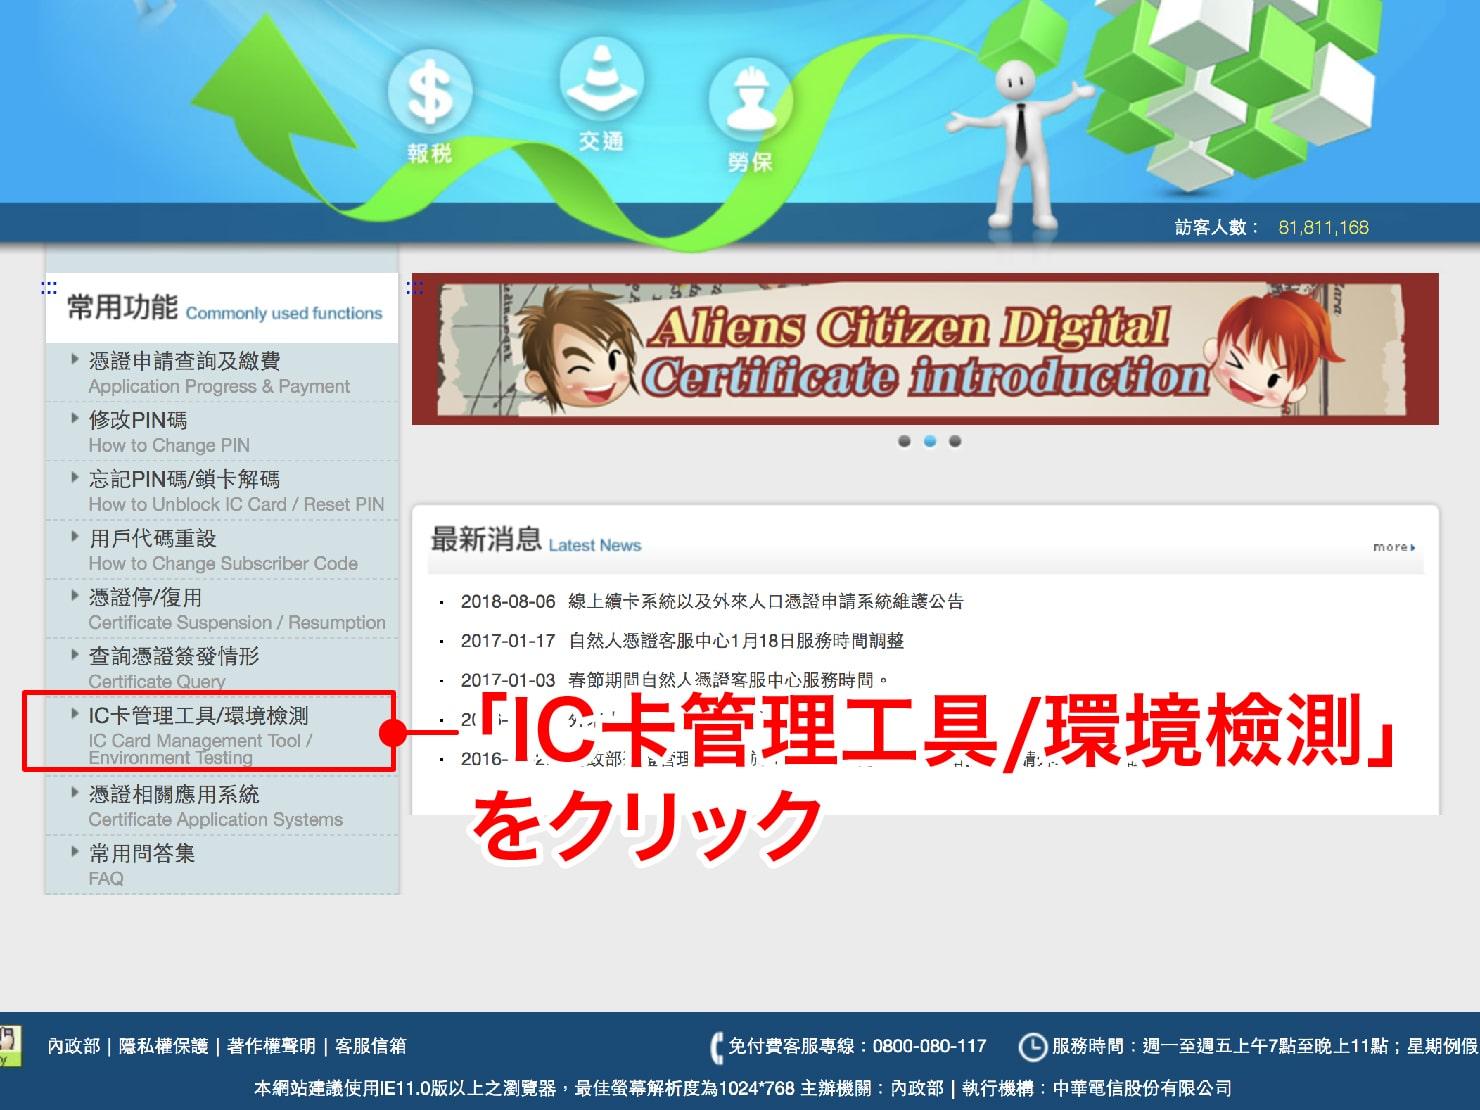 台湾のデジタル身分証明書「自然人憑證」のオンライン手続きの仕方_5